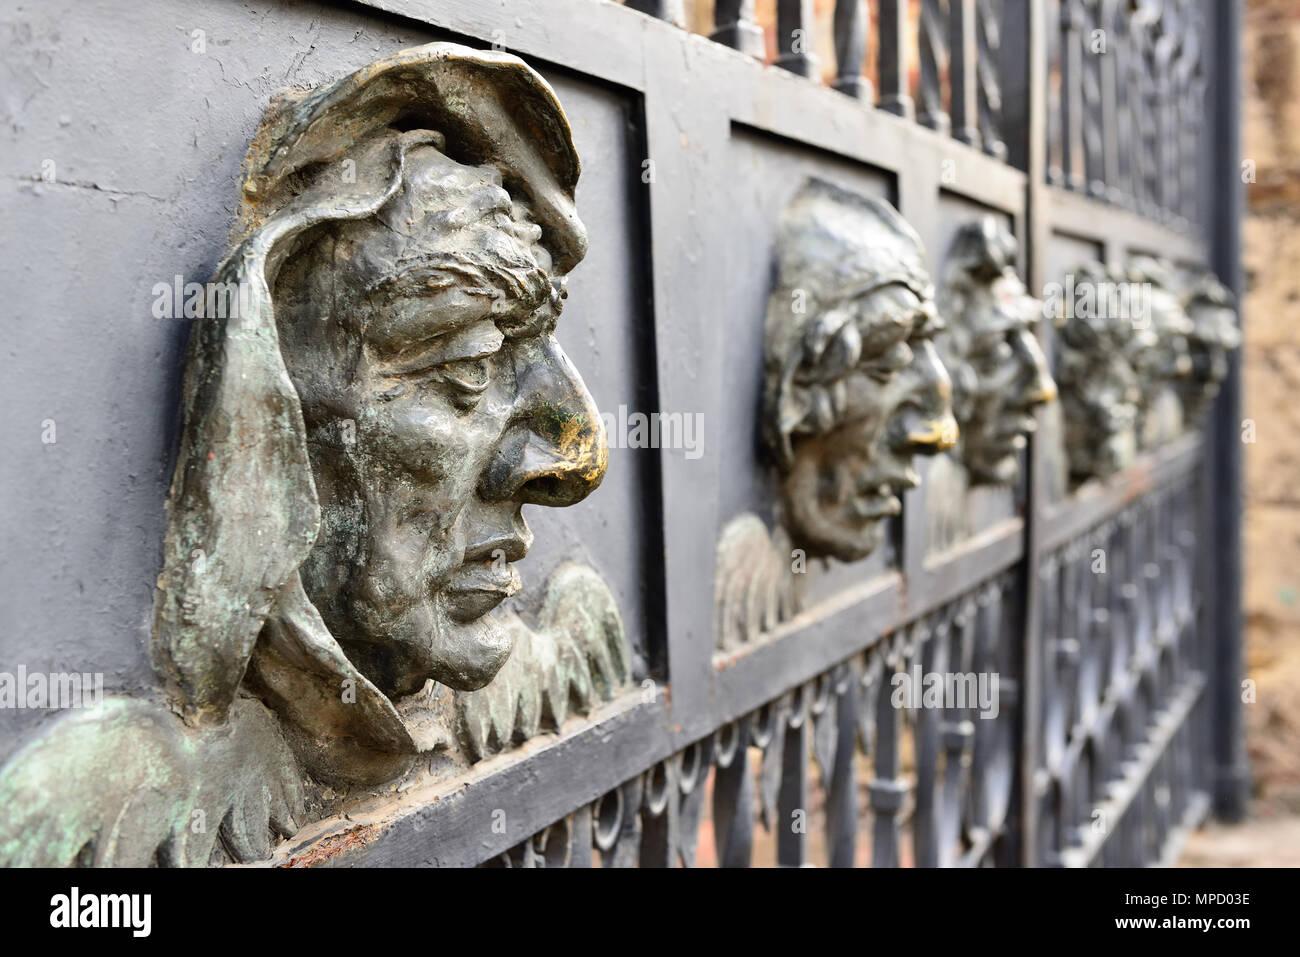 Dettaglio faccia di ferro dal recinto della Cattedrale di Santa Maria la Menor la più antica cattedrale nelle Americhe a Santo Domingo, Repubblica Dominikan Immagini Stock